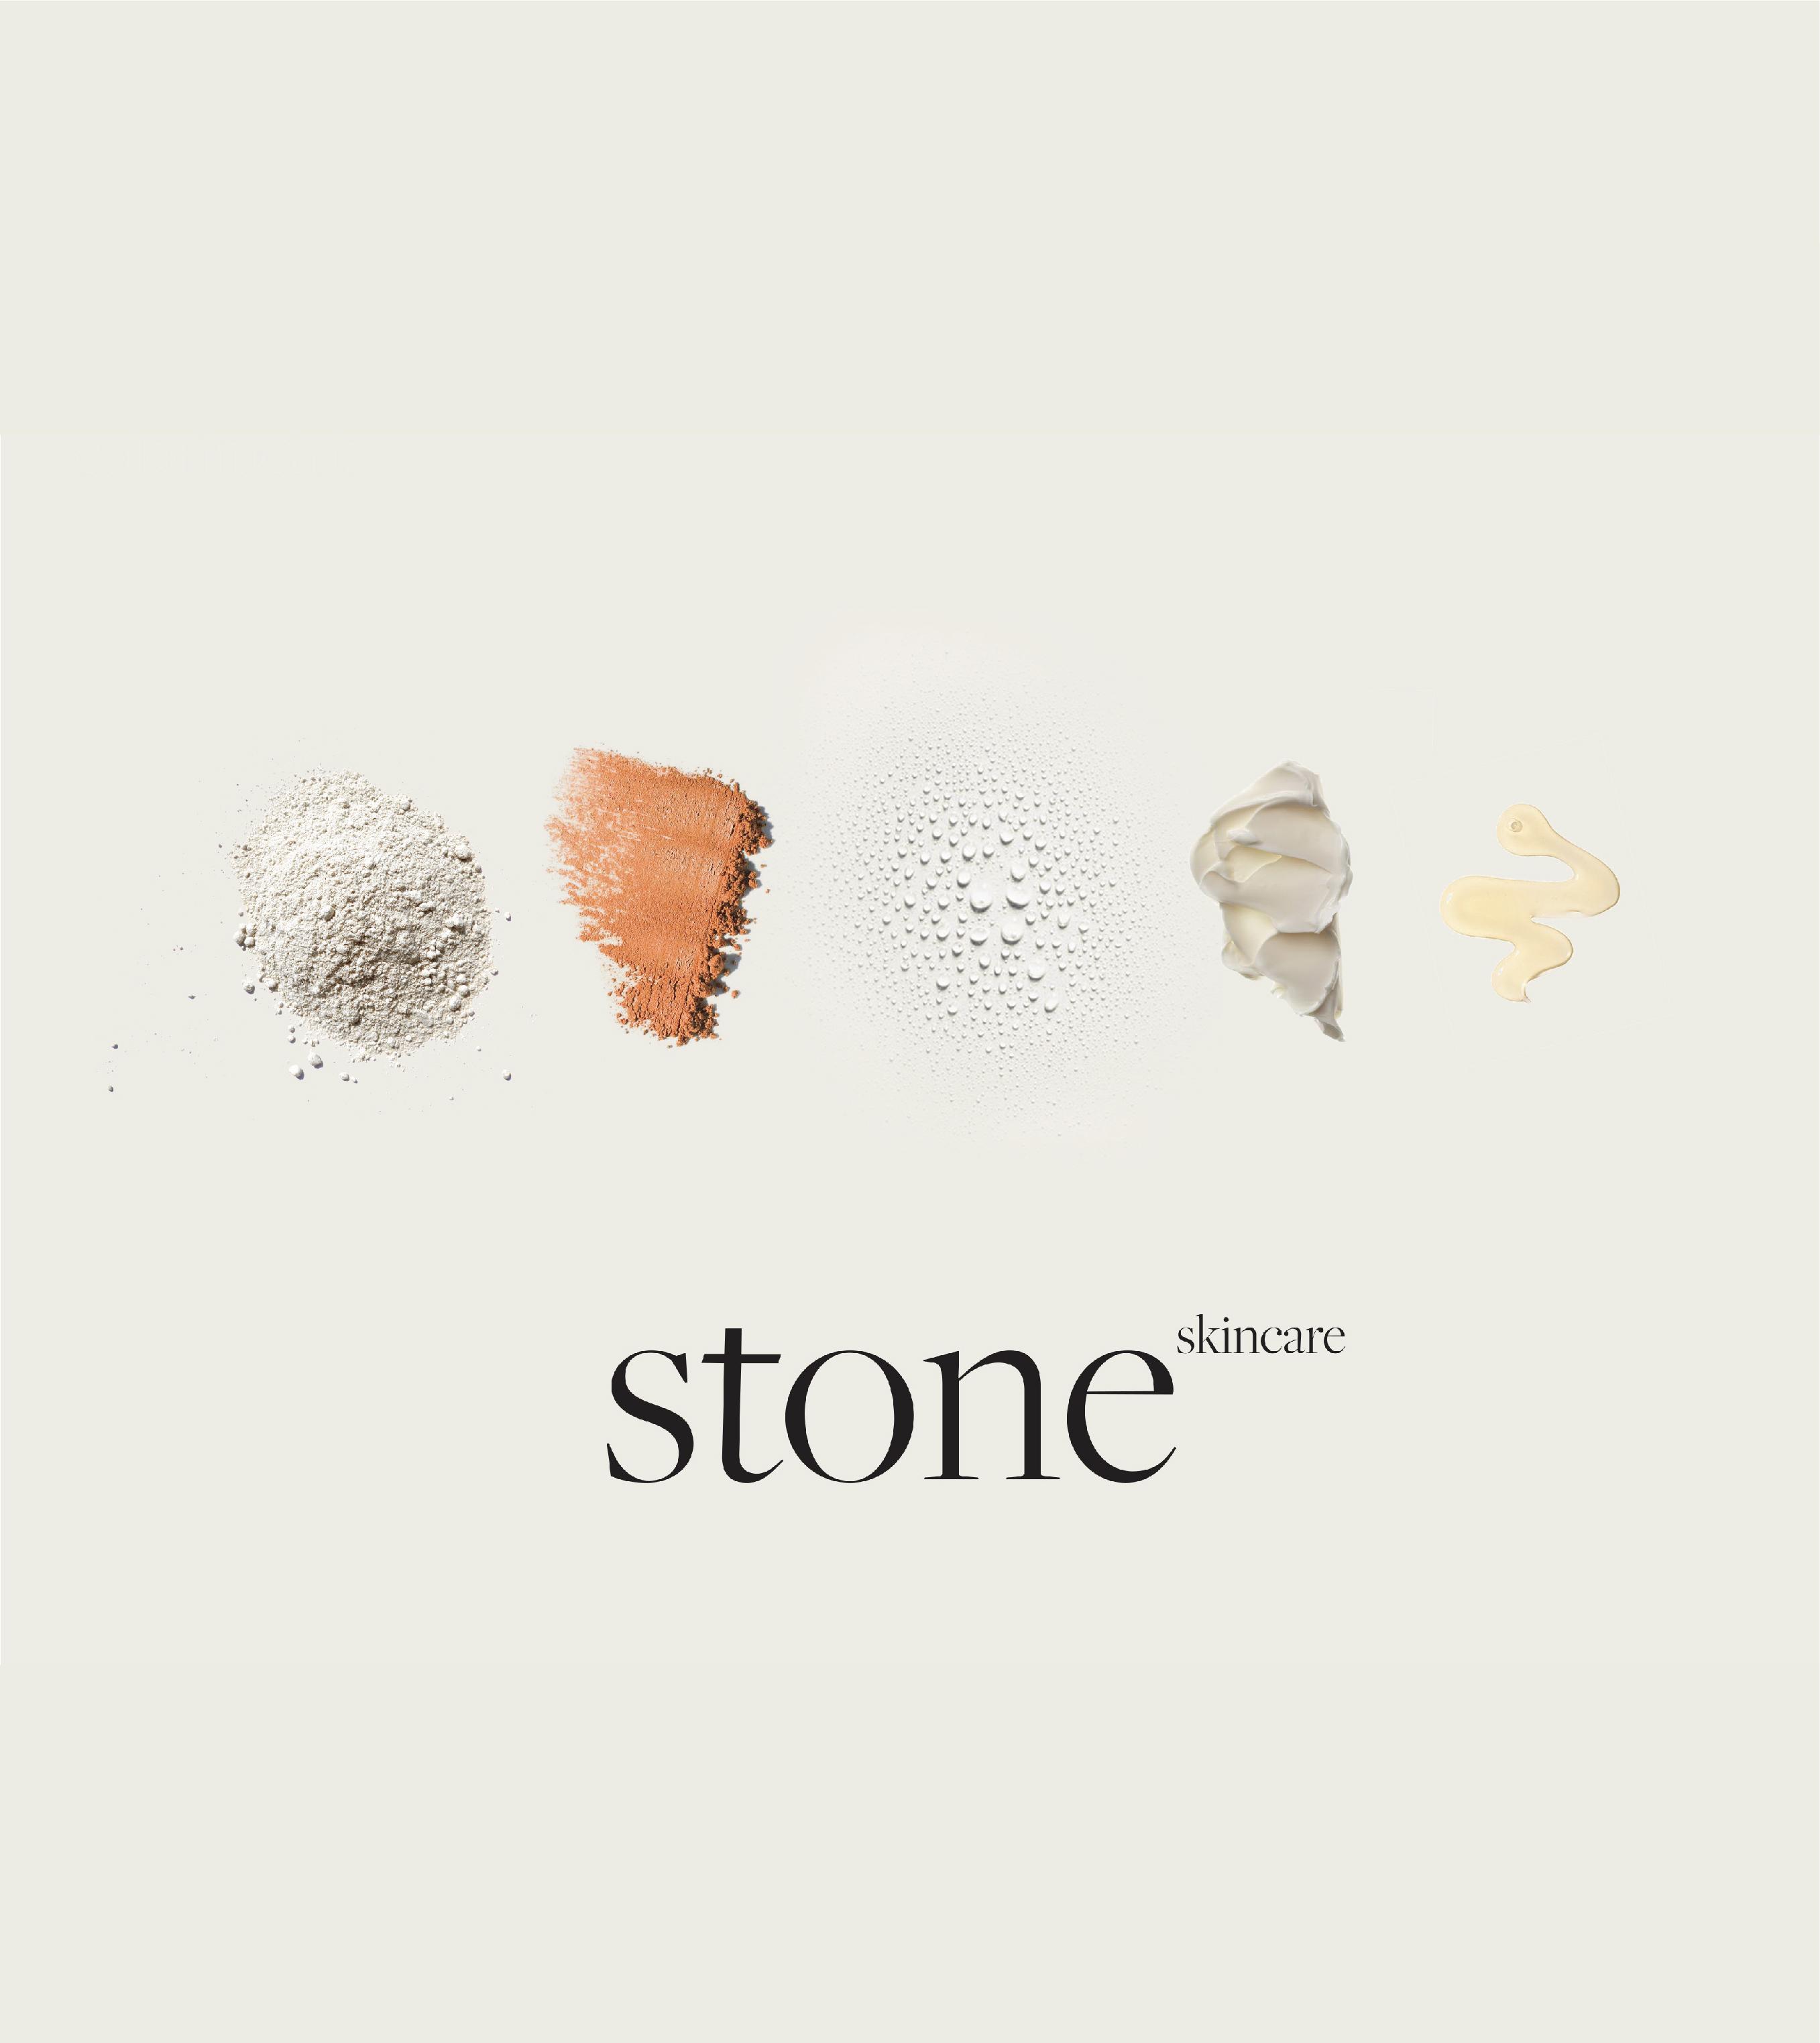 stone-04